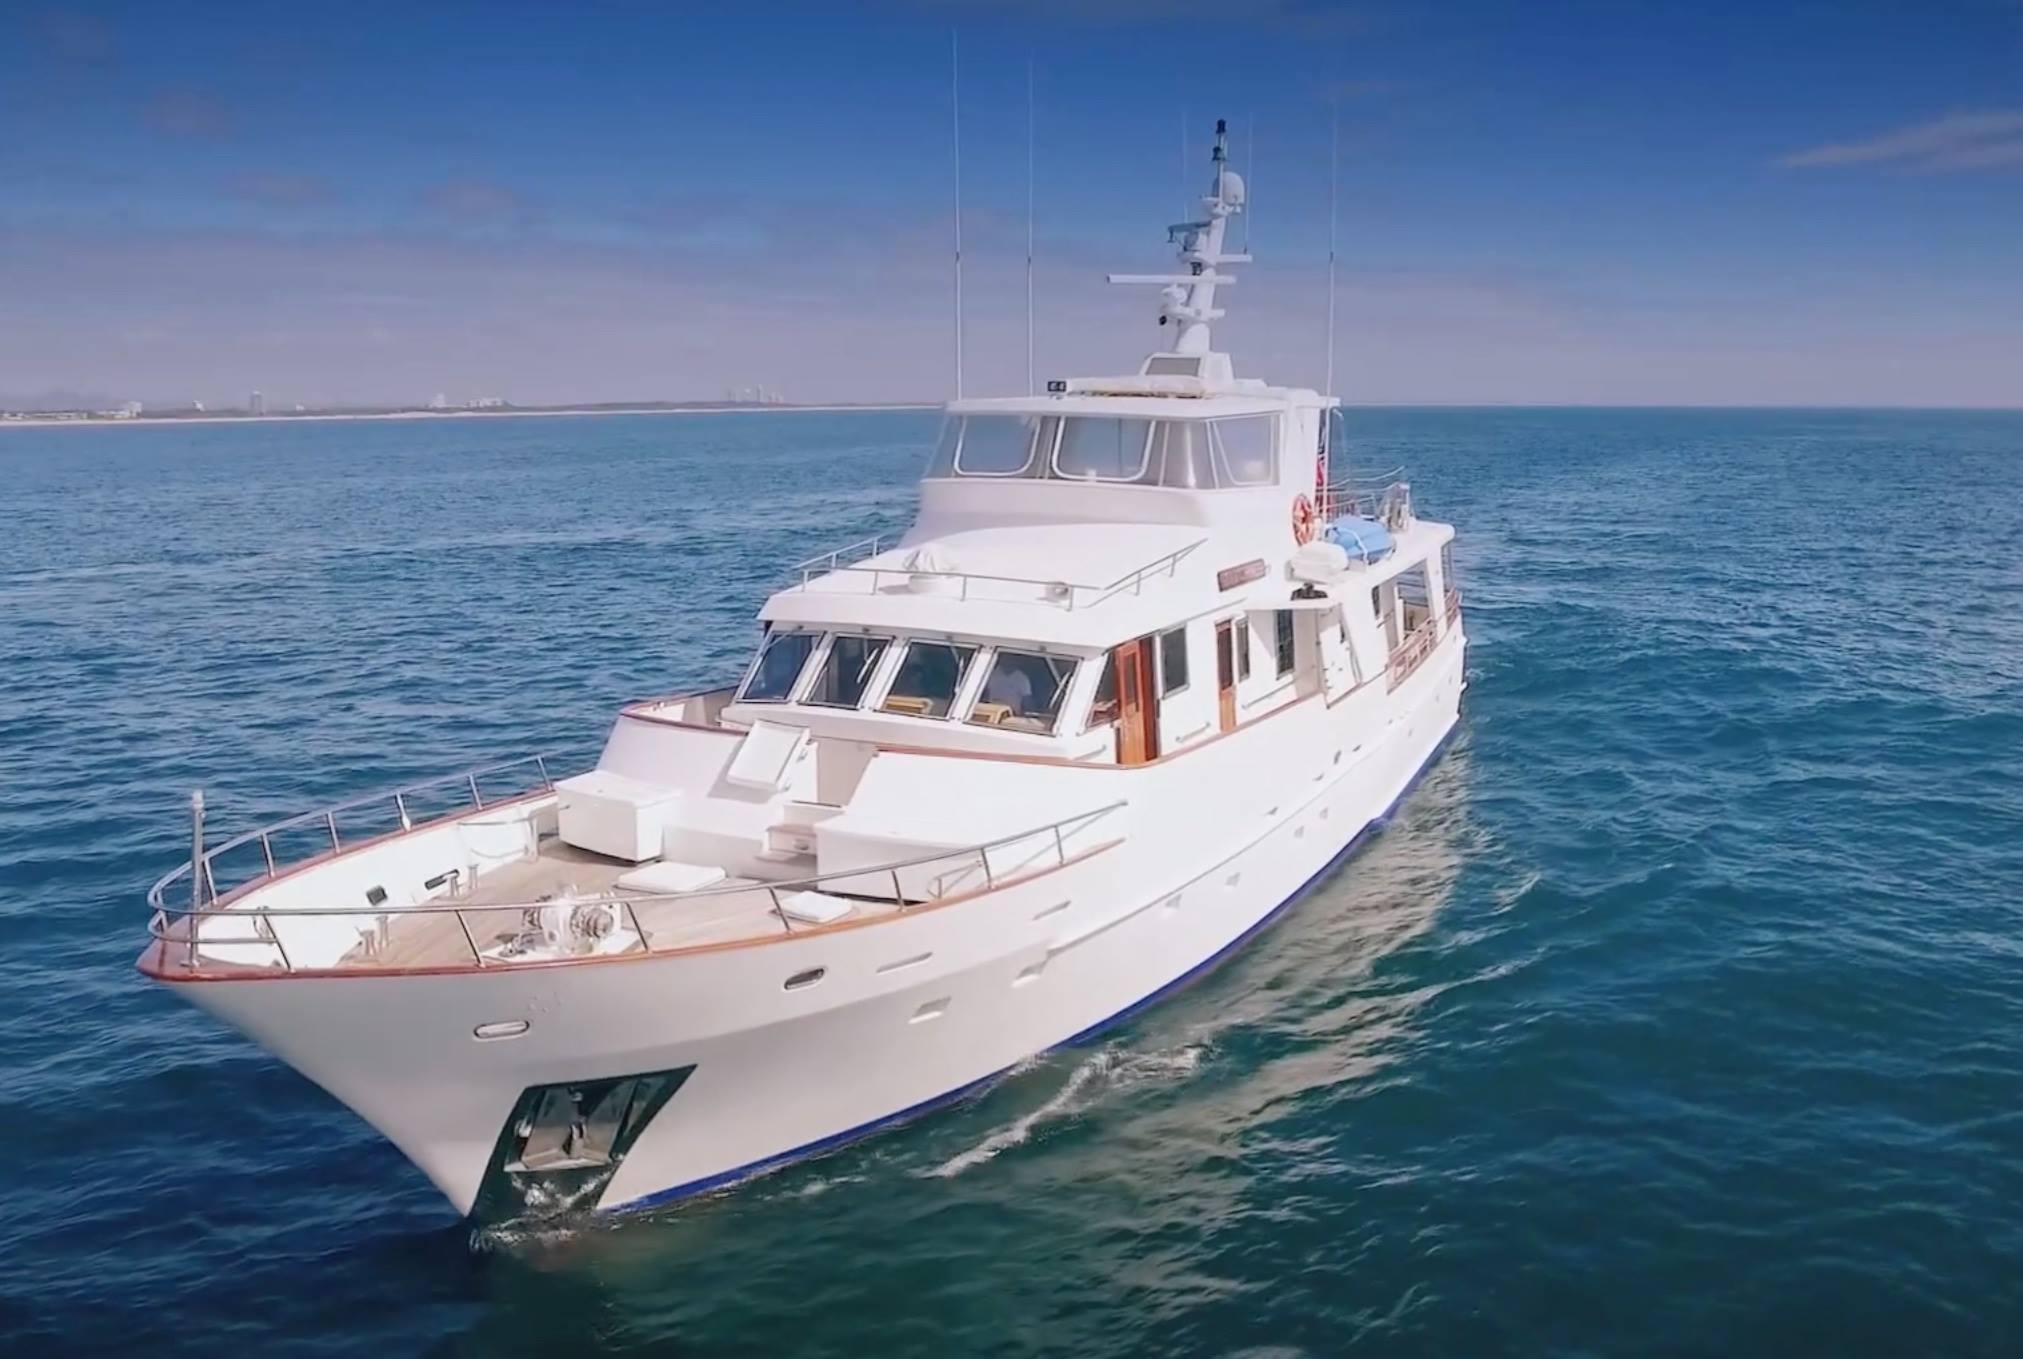 86ft Luxury Motoryacht Profile Image